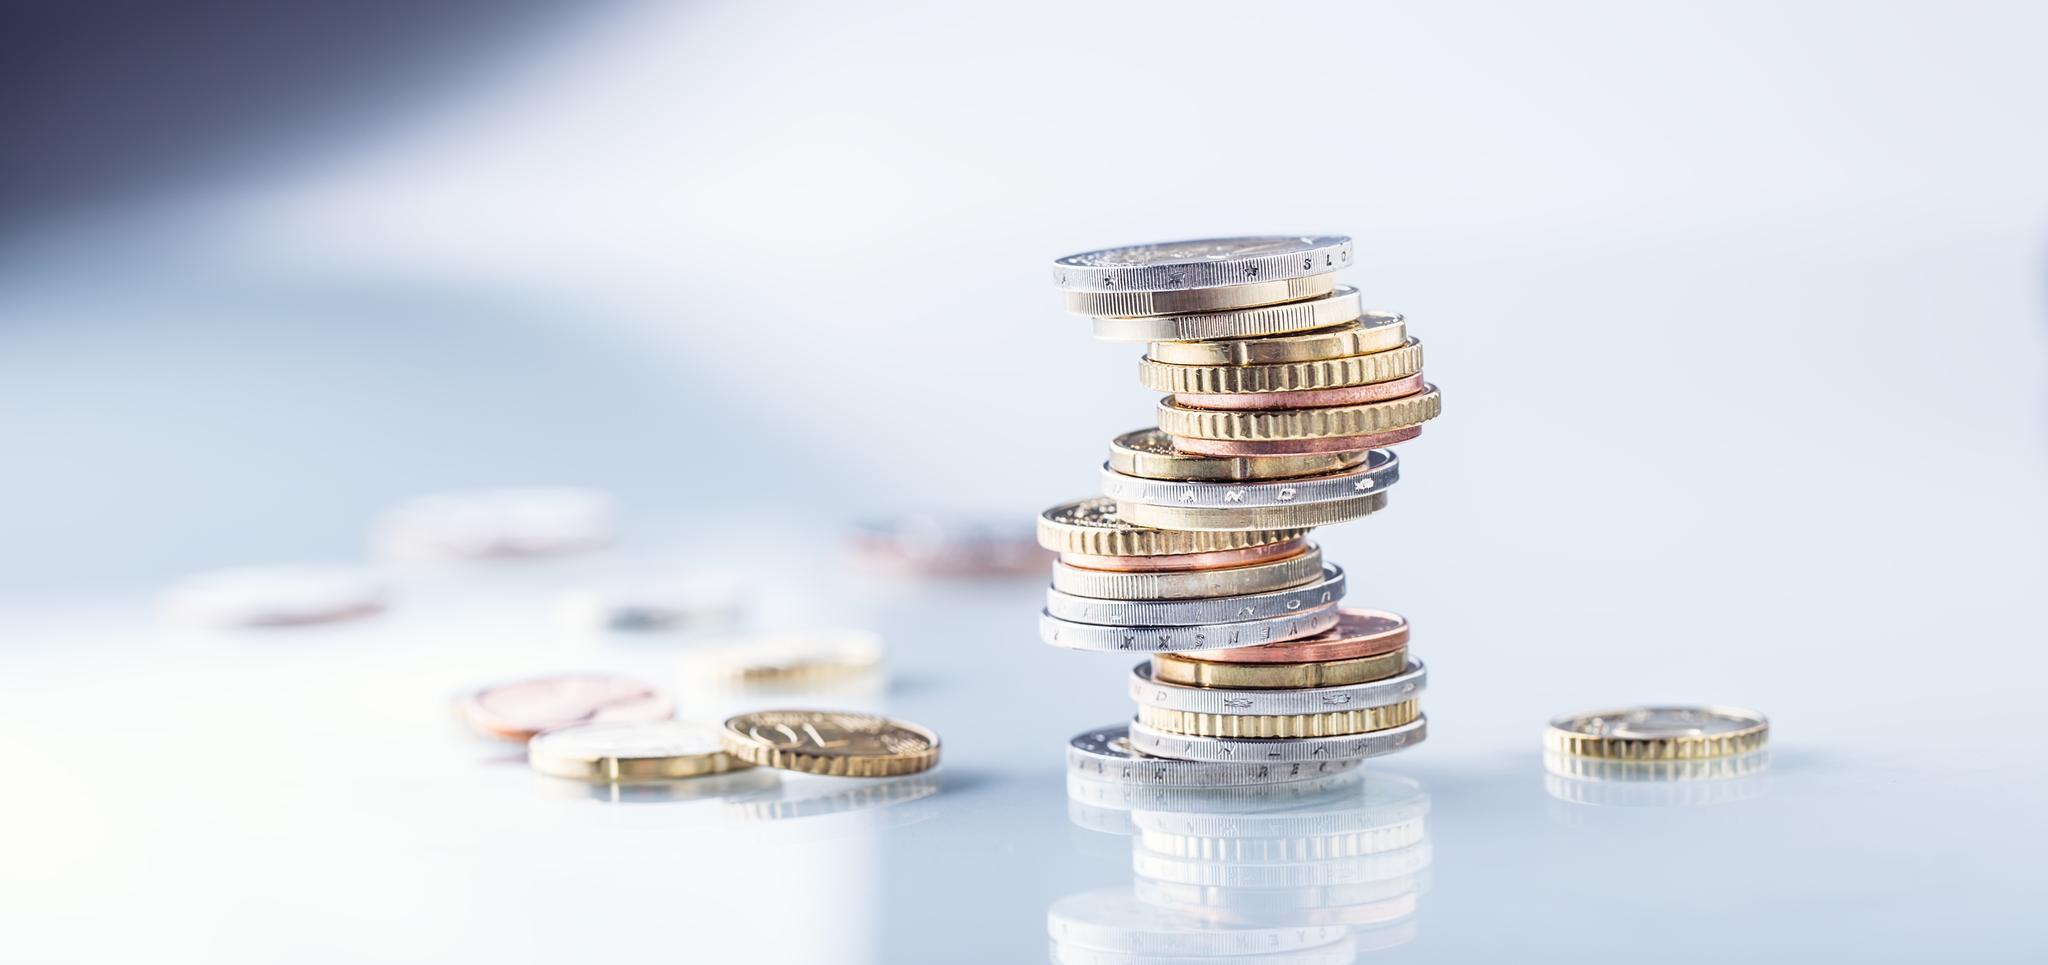 Stapel Euromünzen auf glänzender Oberfläche